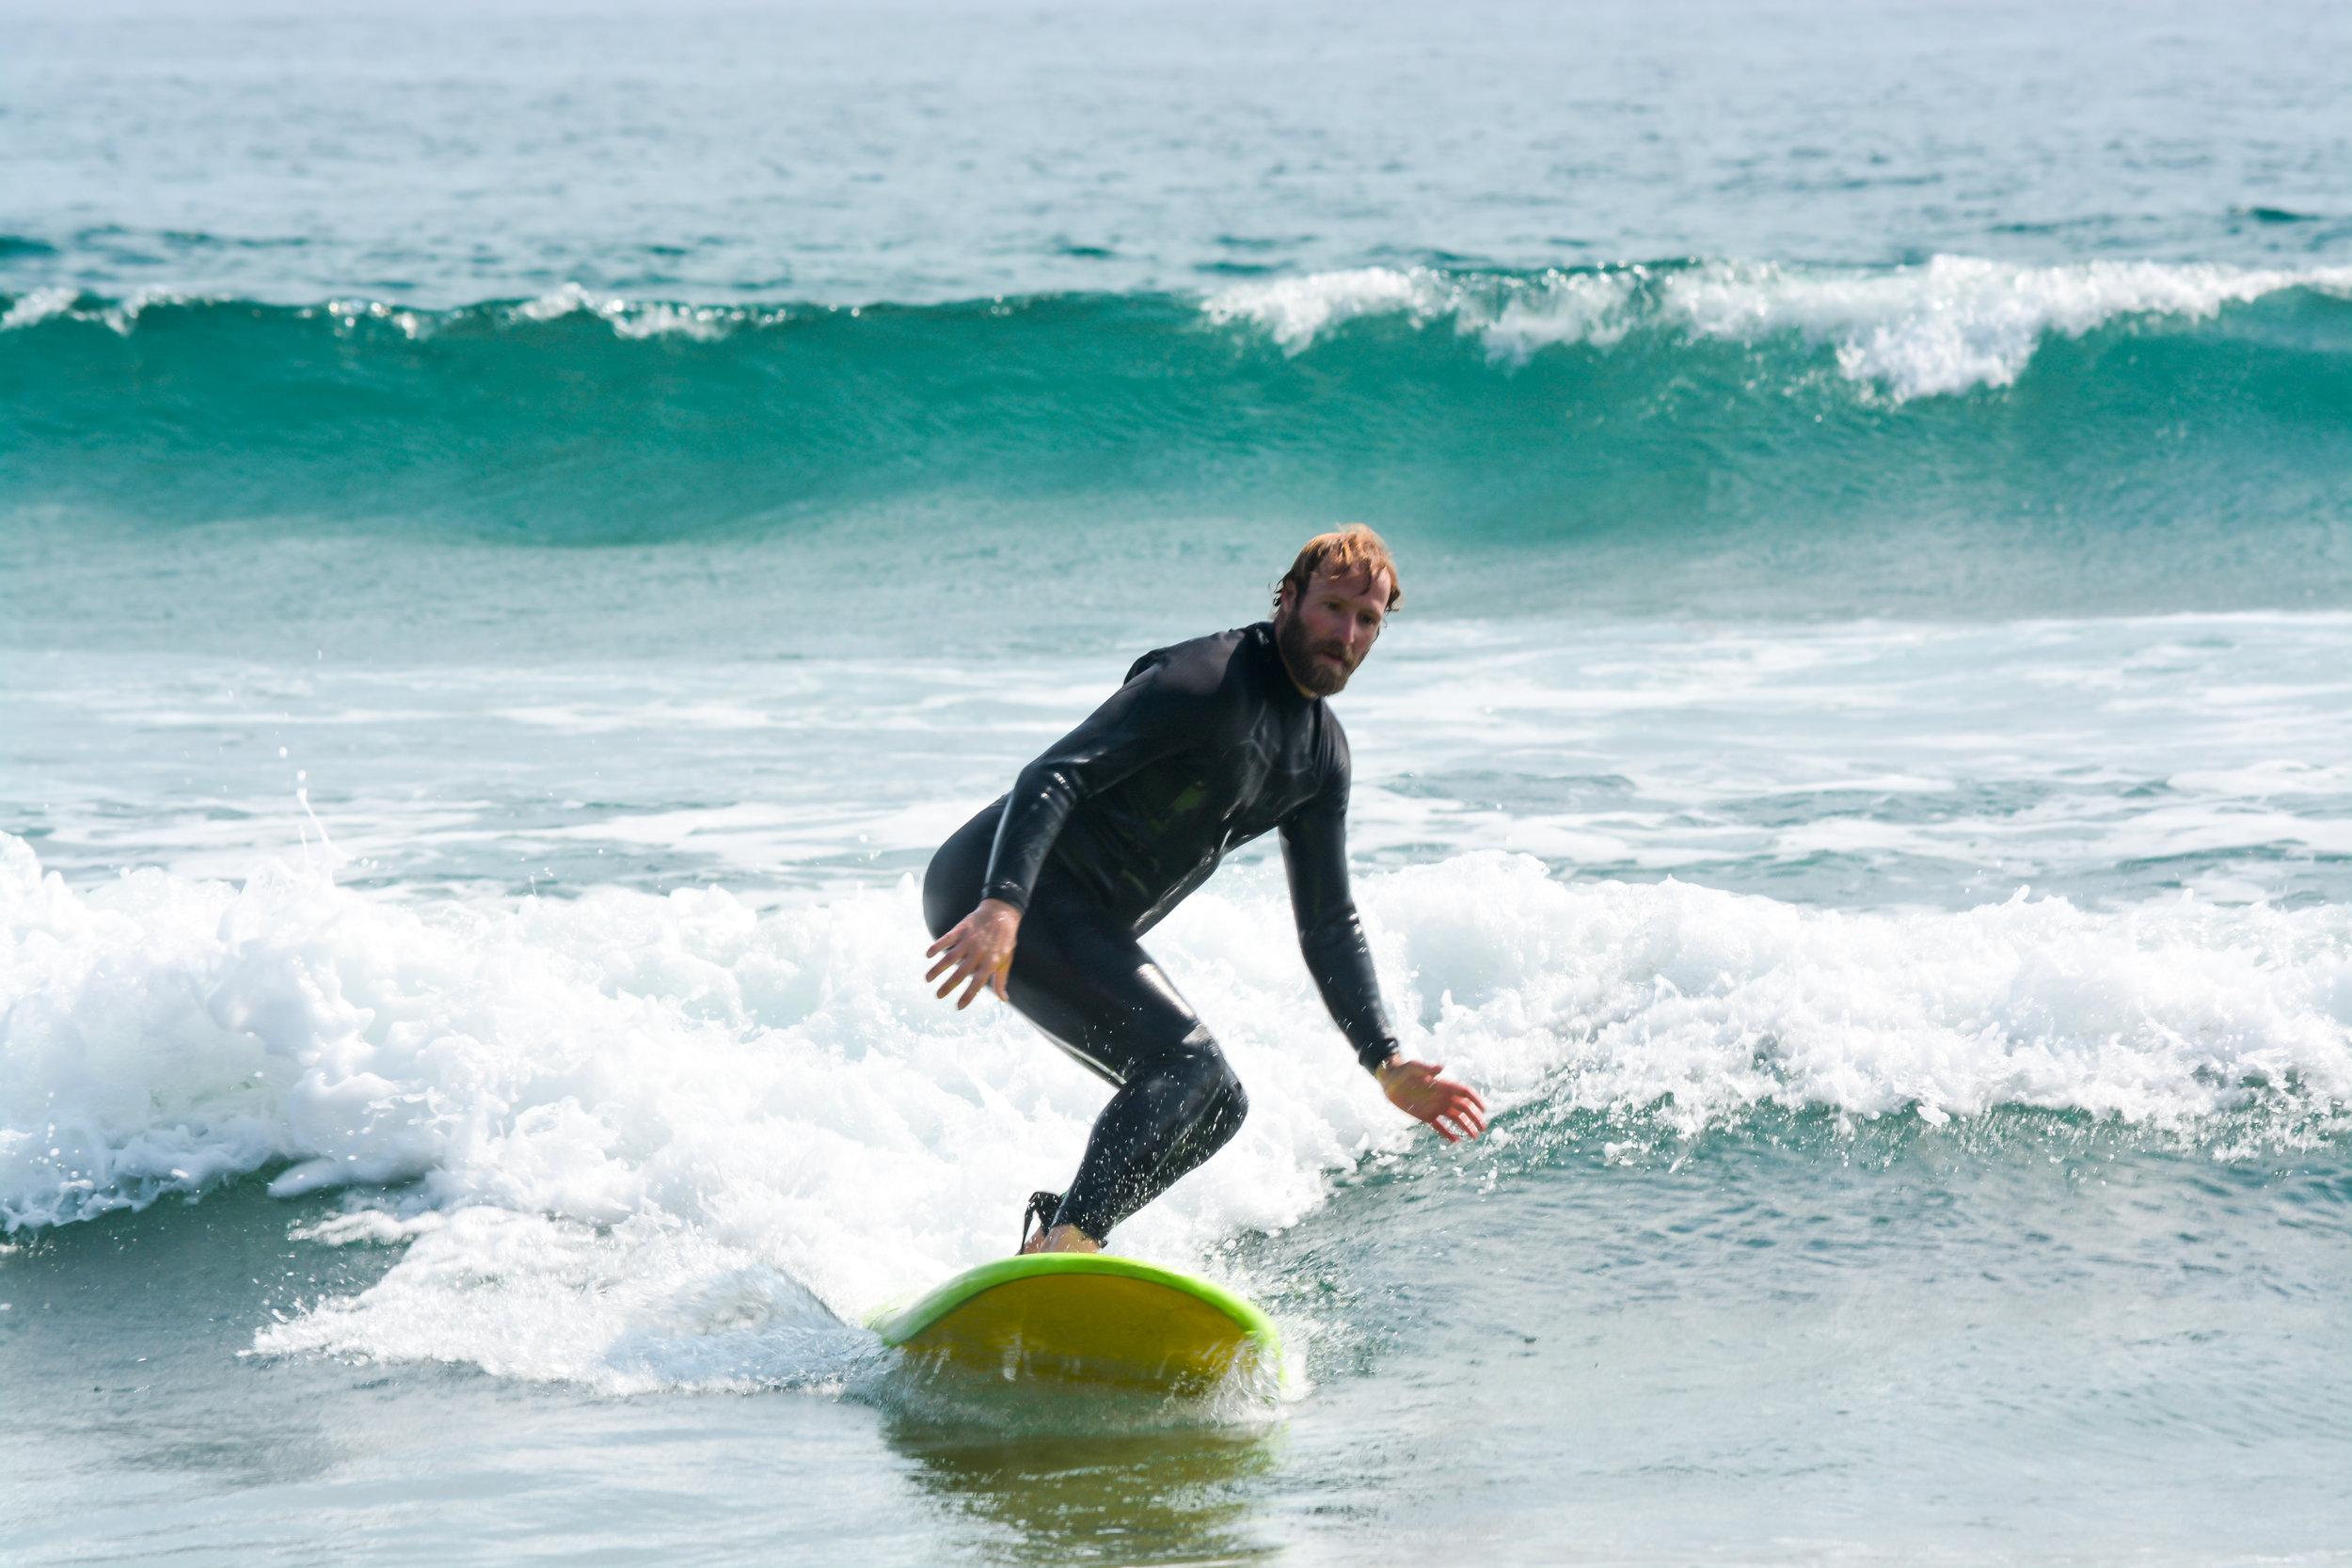 baja surfing 2.jpg